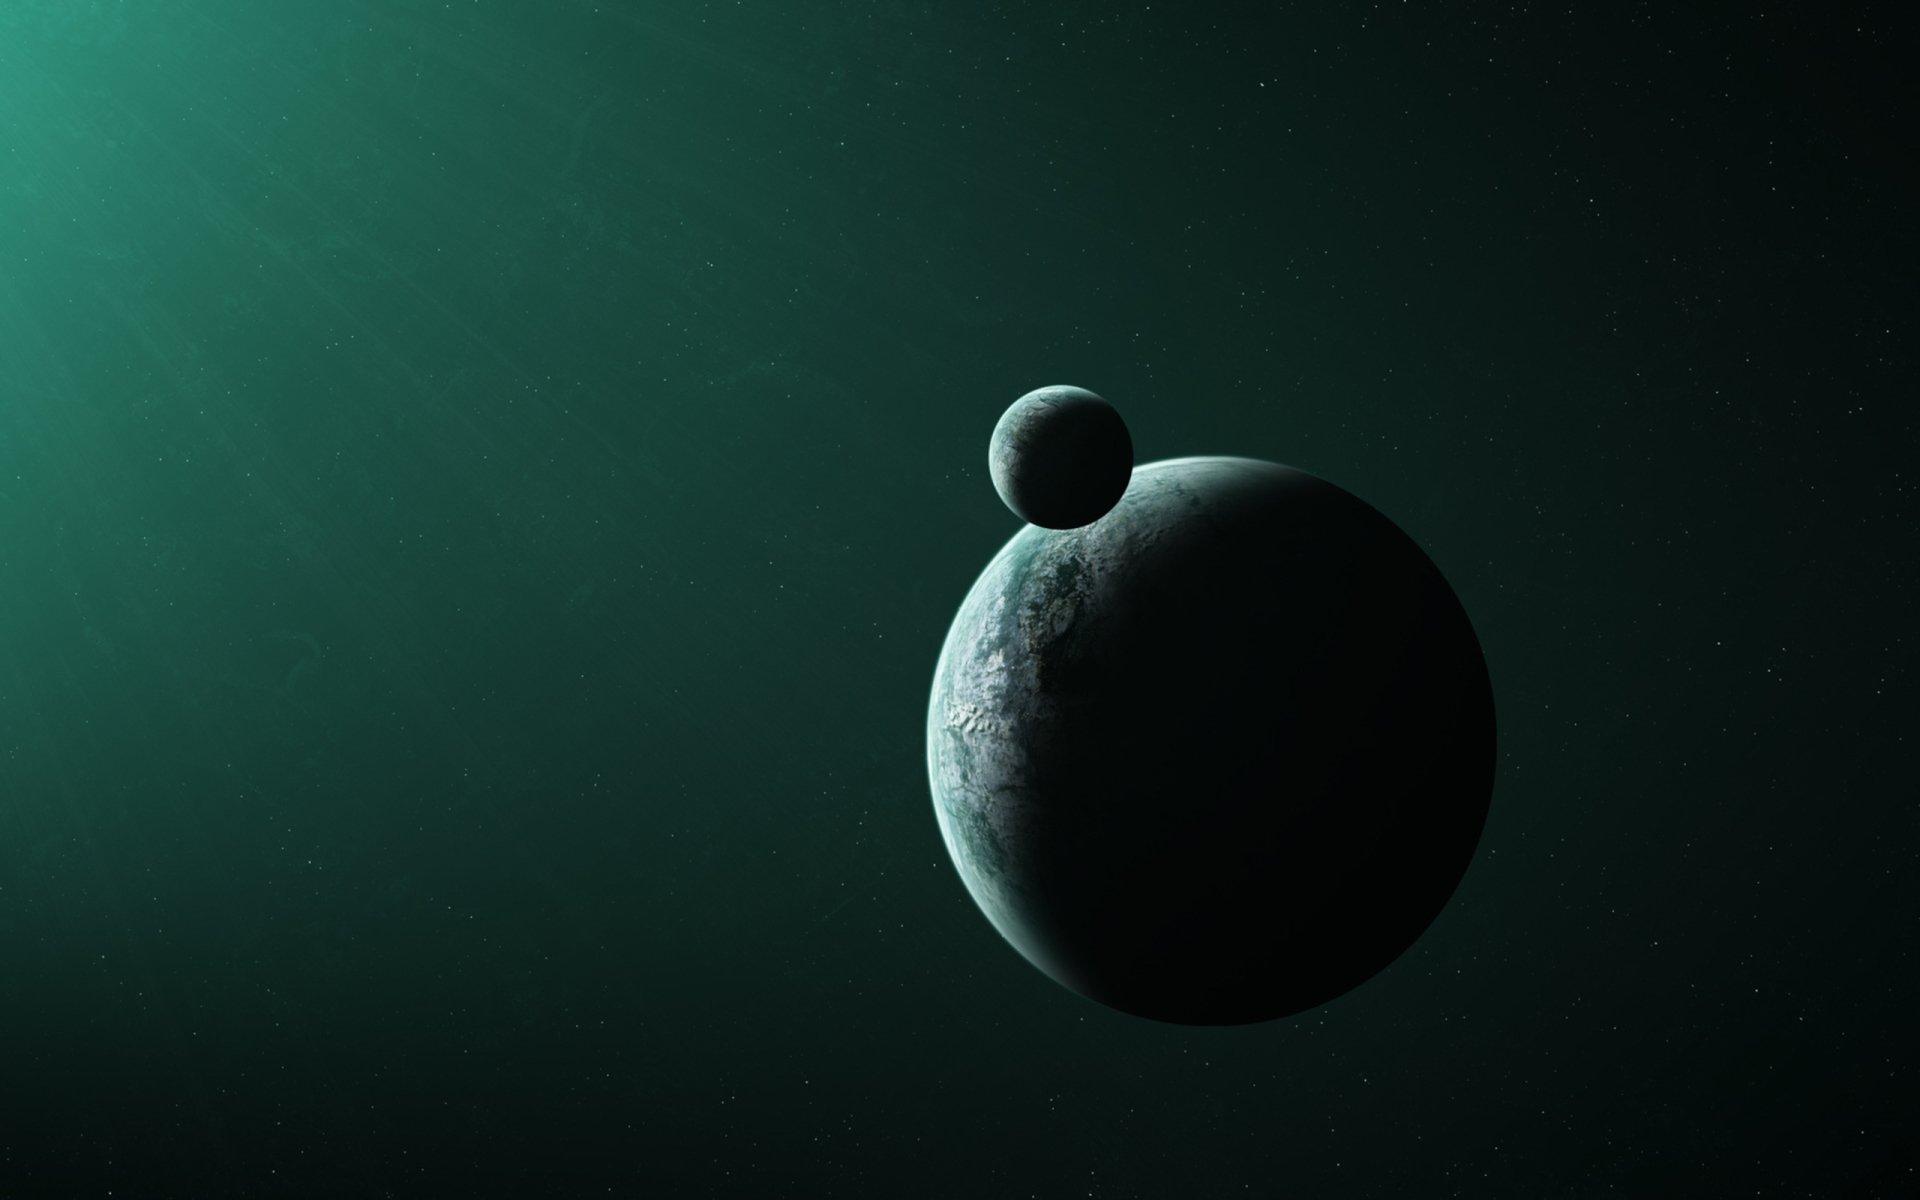 Pianeti full hd sfondo and sfondi 2560x1600 id 533742 for Sfondi pianeti hd